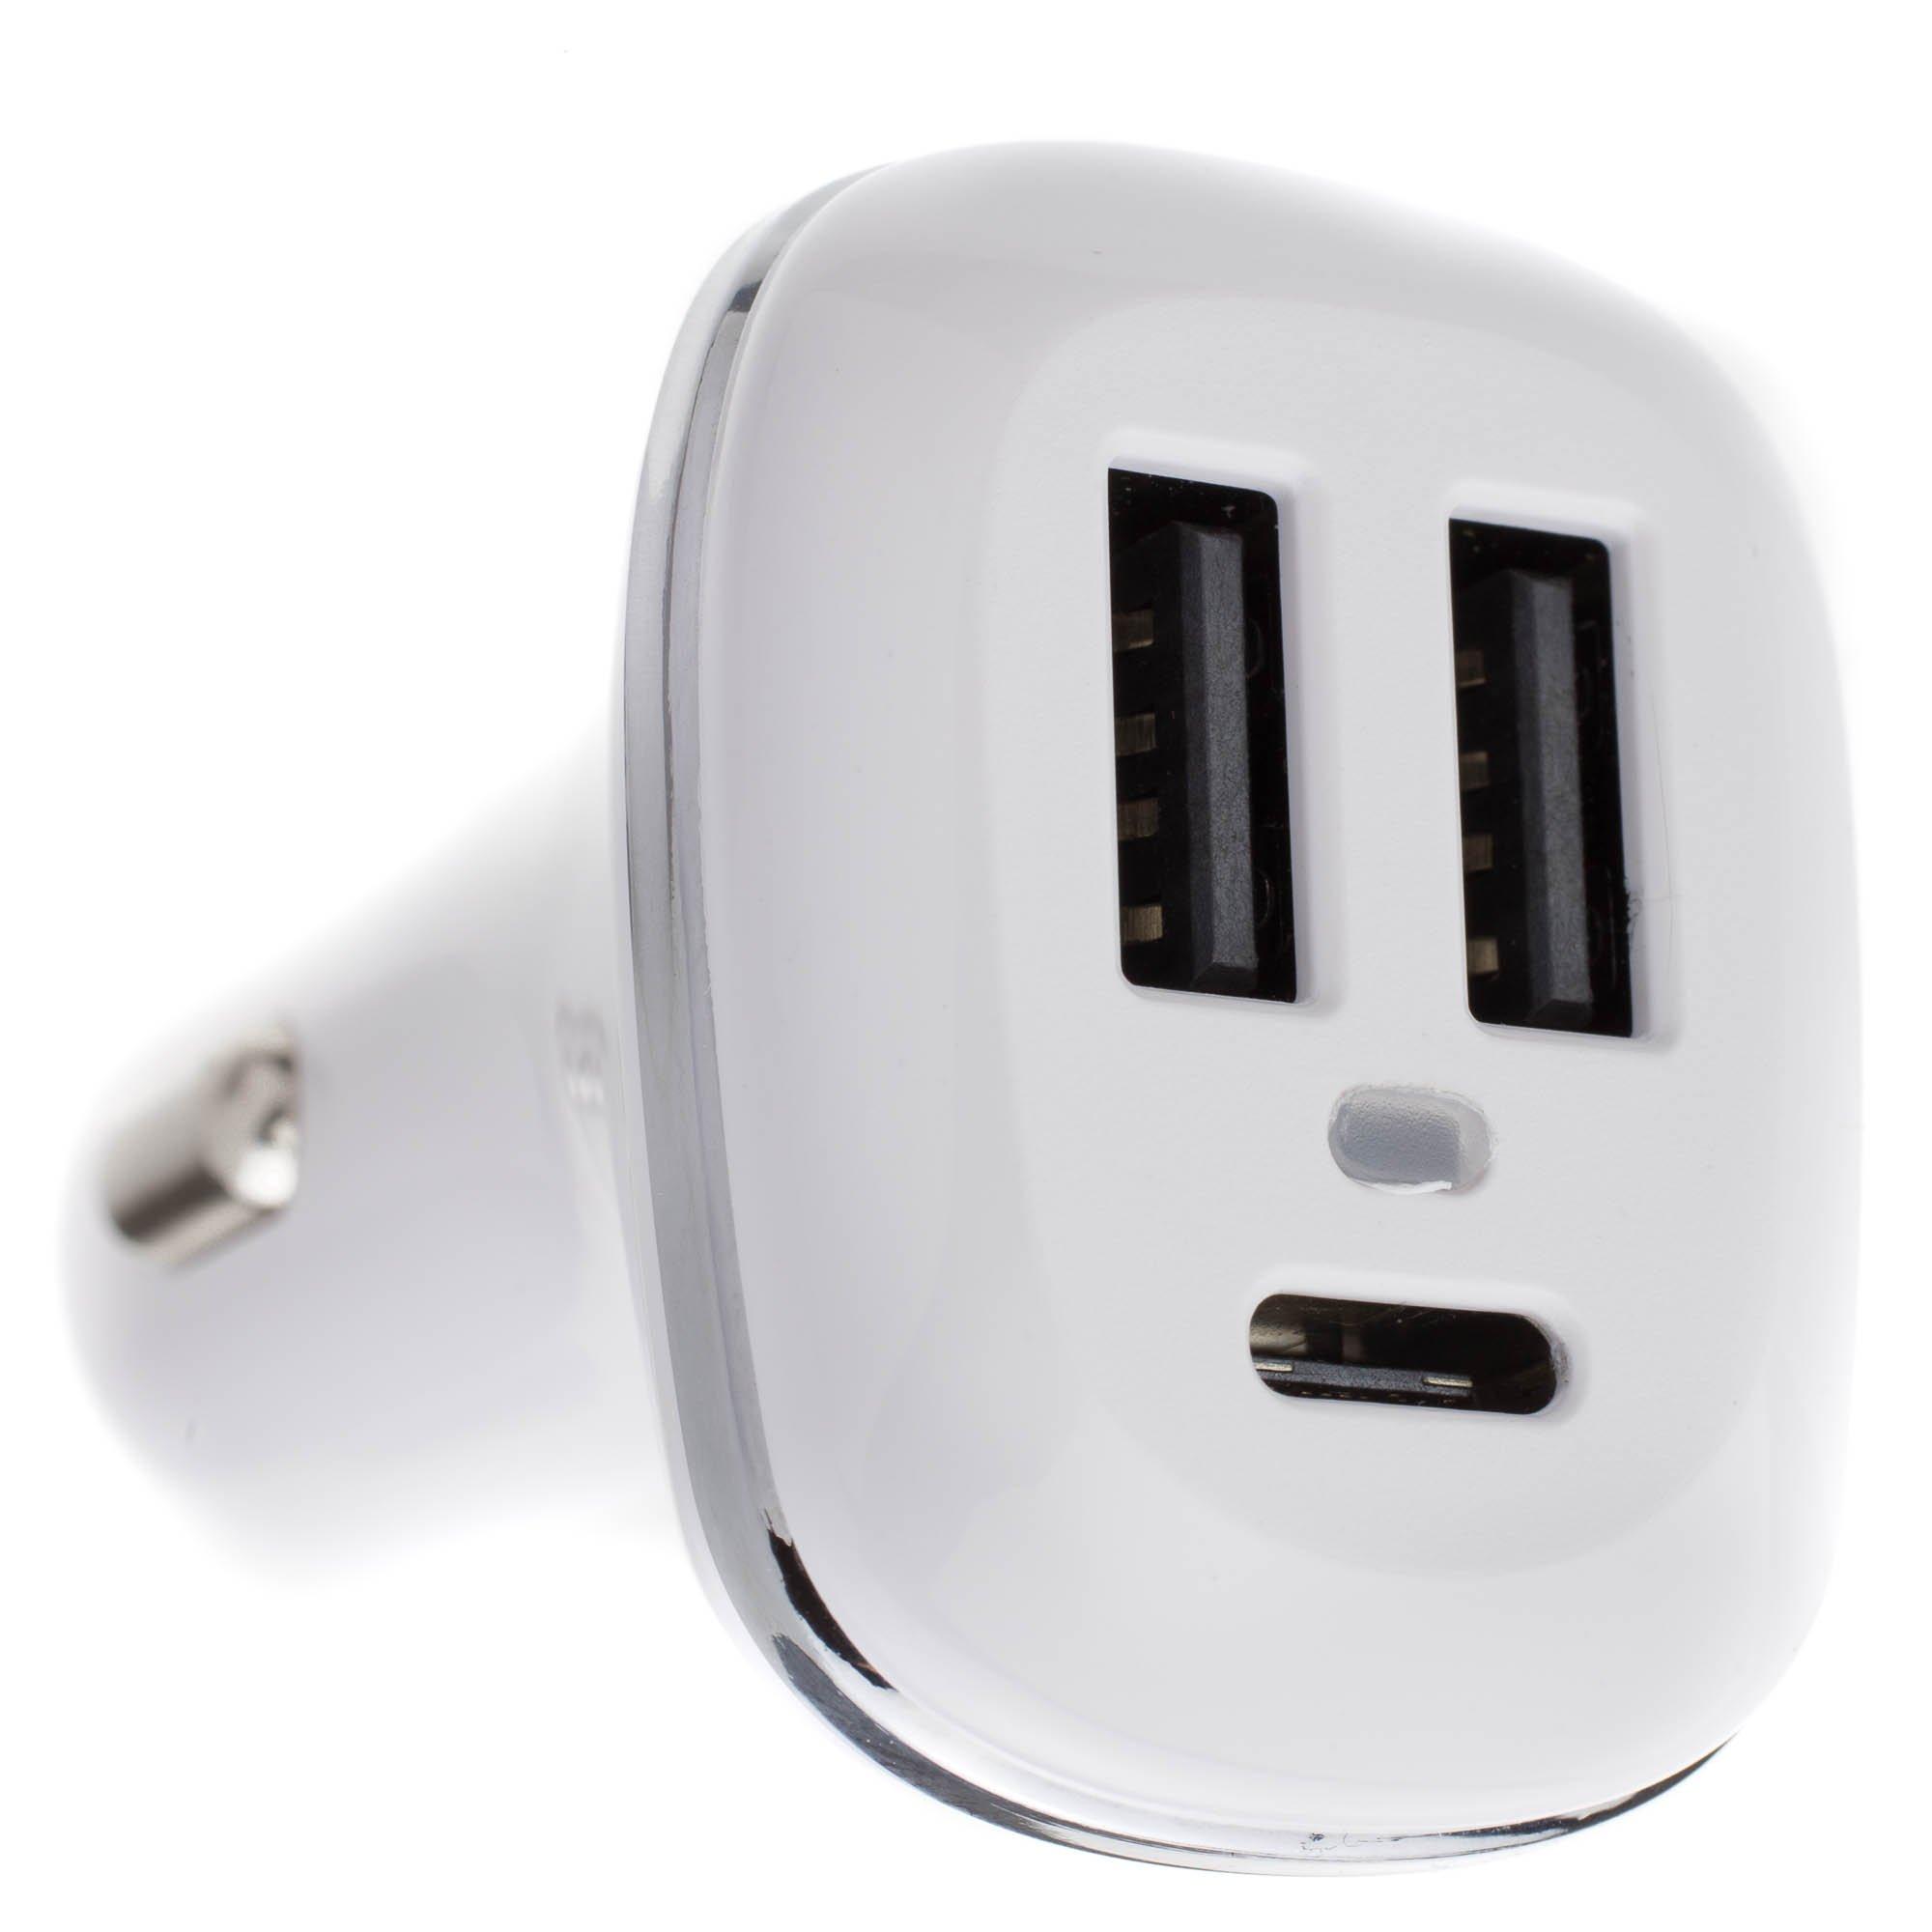 ACL 3 Port USB Car Charger, 1 x USB C and 2 x USB A, 5V 5.1A, Cigarette Lighter Plug, 10 Pack